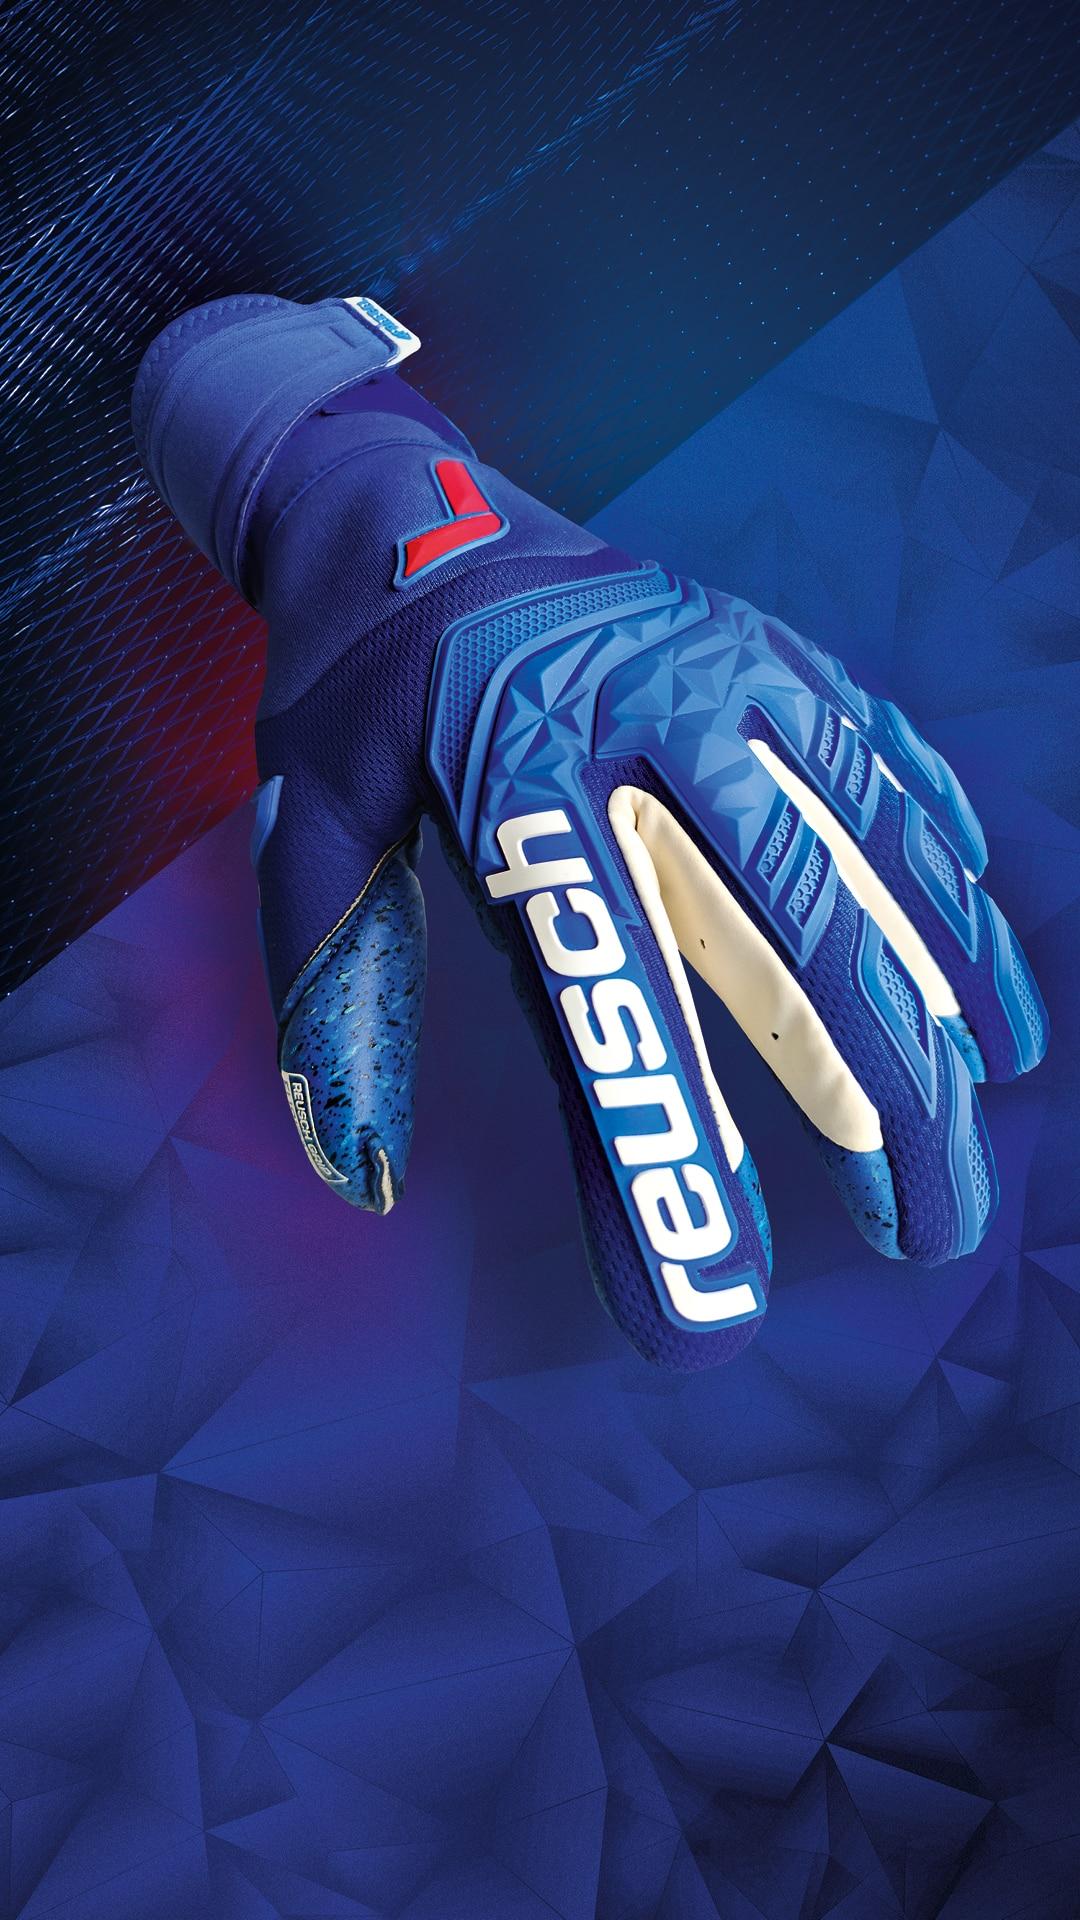 gants-reusch-hugo-lloris-1